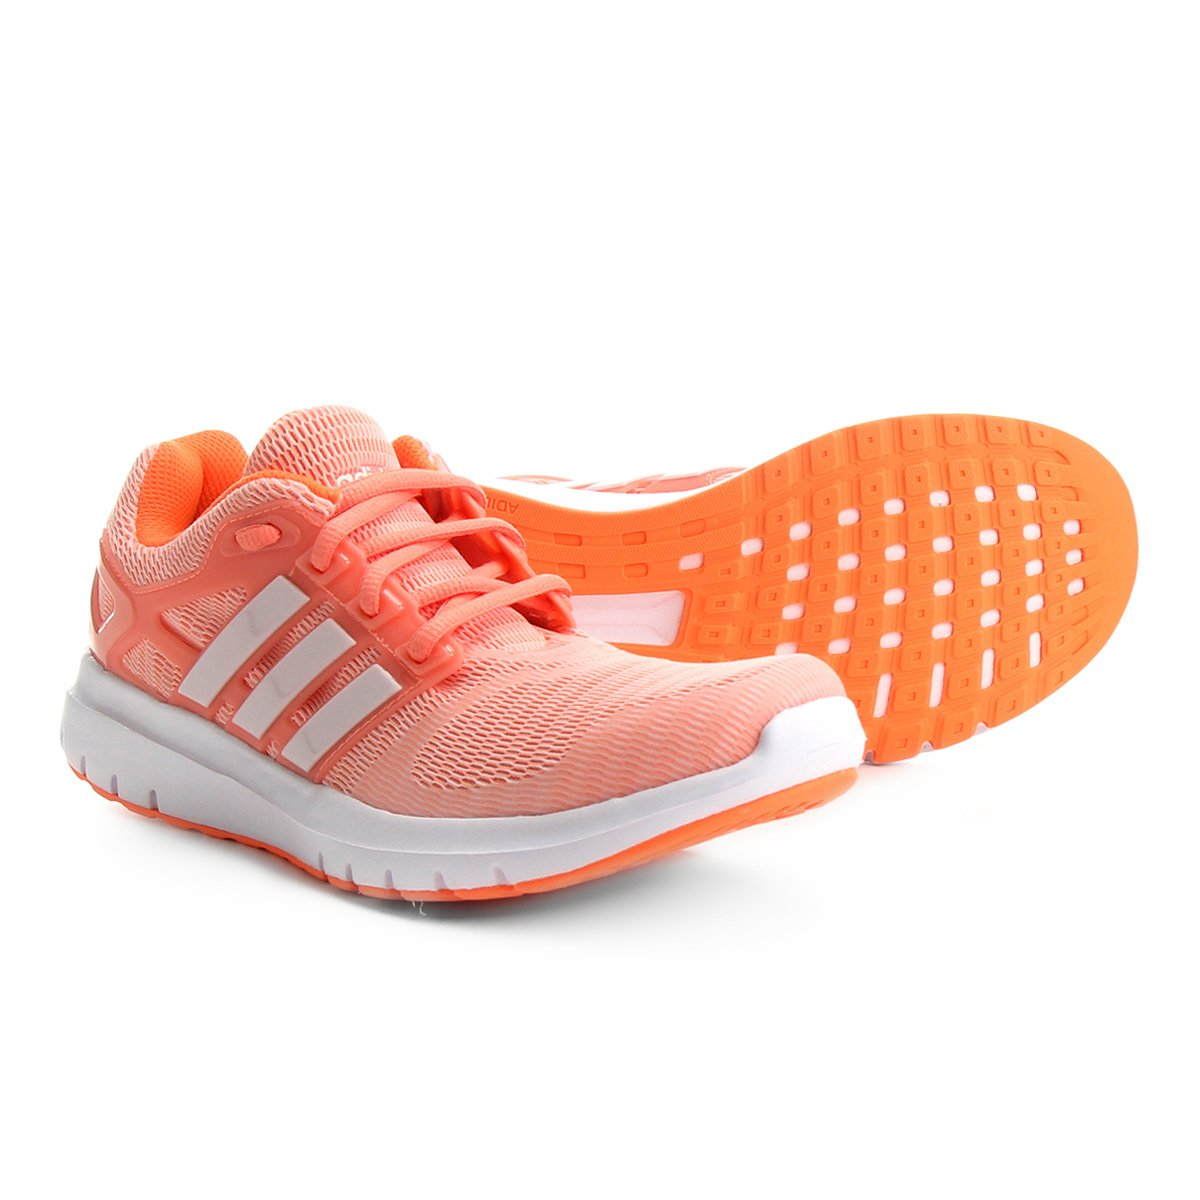 96023b8f02 Tênis Adidas Energy Cloud V Feminino - Coral - Compre Agora